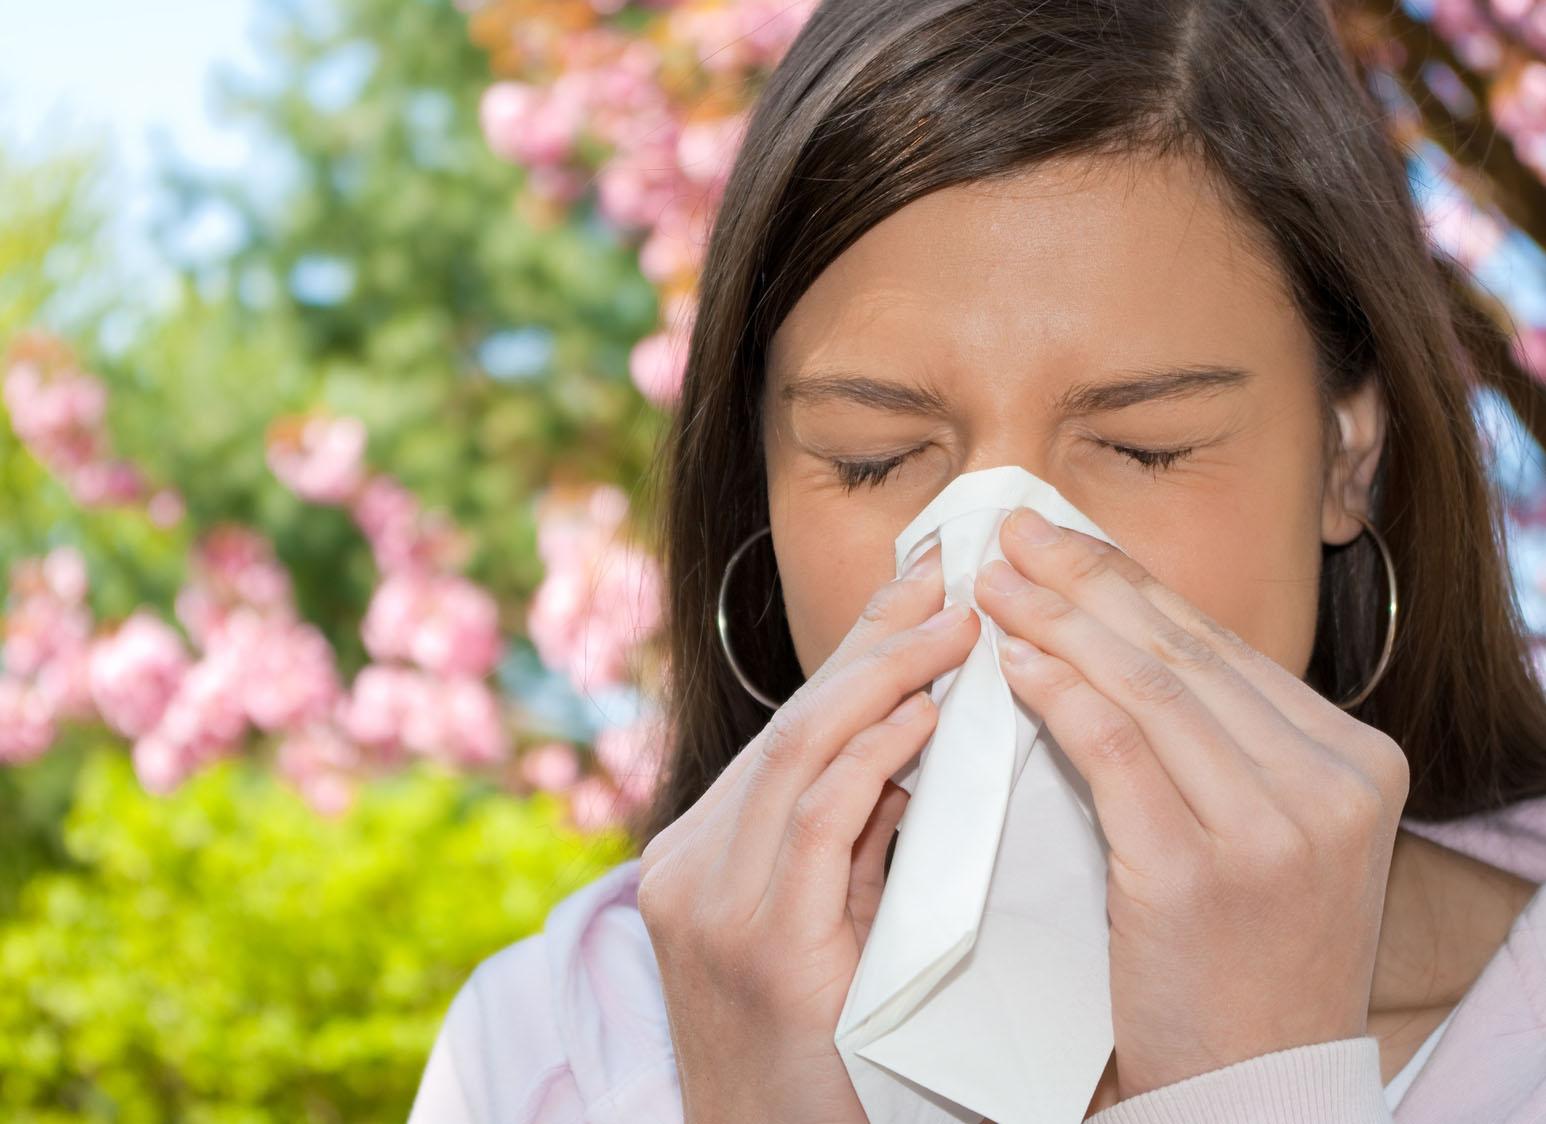 Πως να προστατευτείτε από τις Αλλεργίες